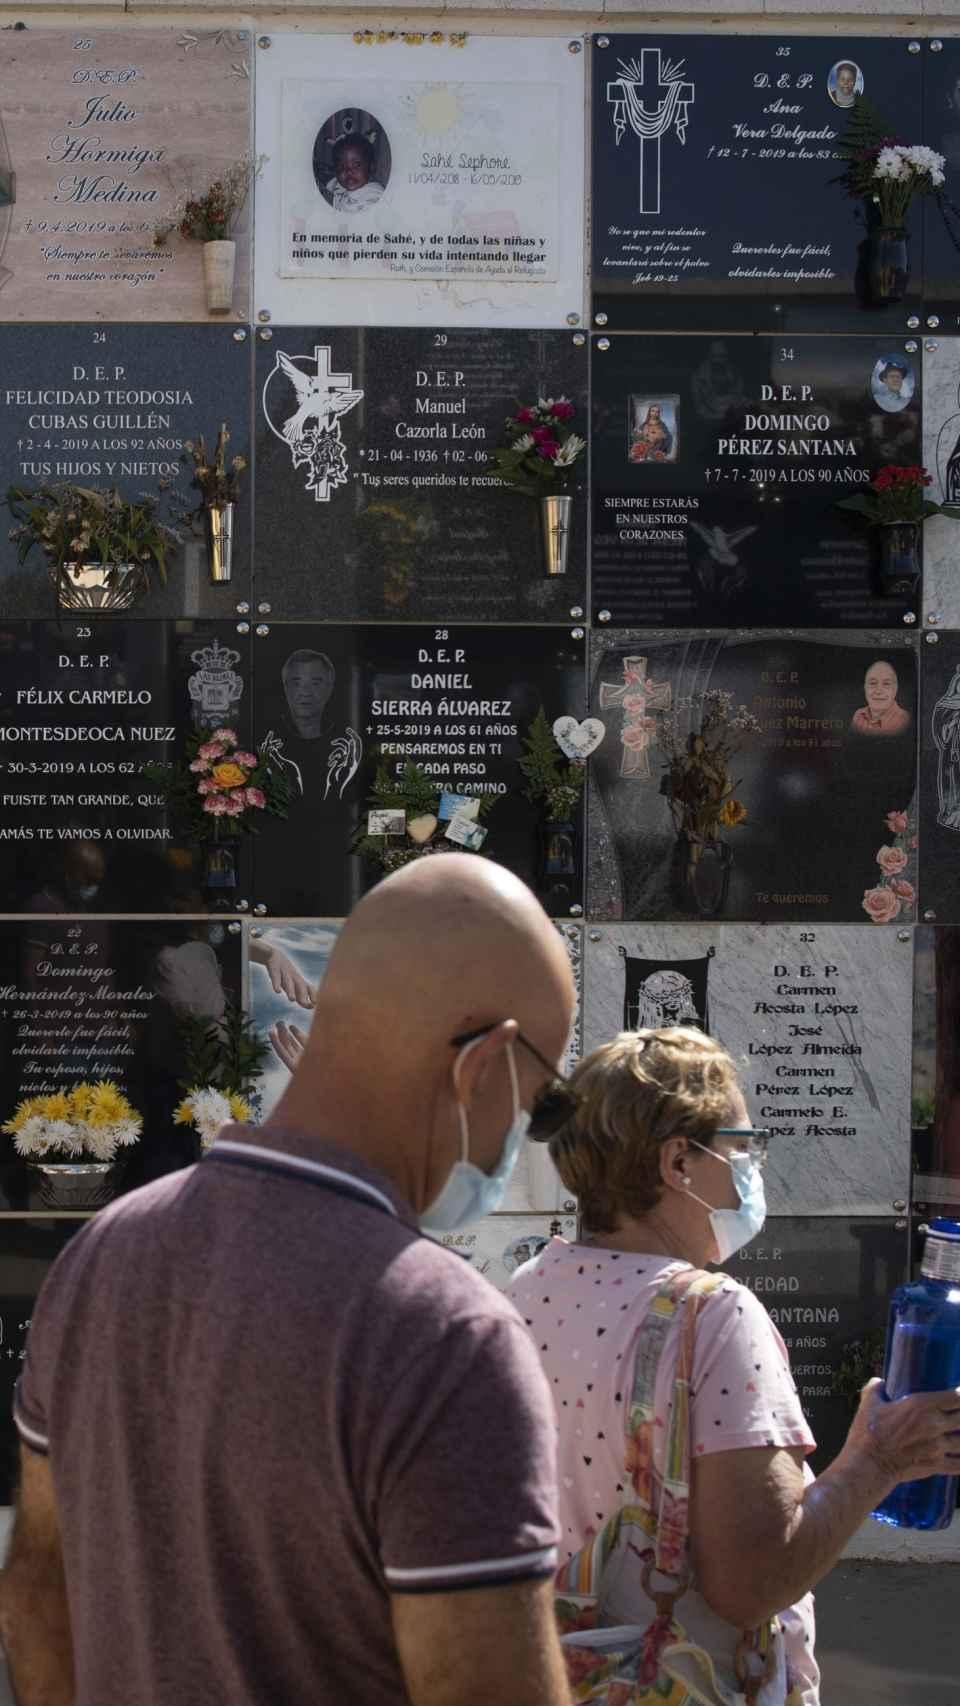 Dos personas pasan por delante de la lápida de Sephora, la niña de 13 meses enterrada en el cementerio de Vecindario.